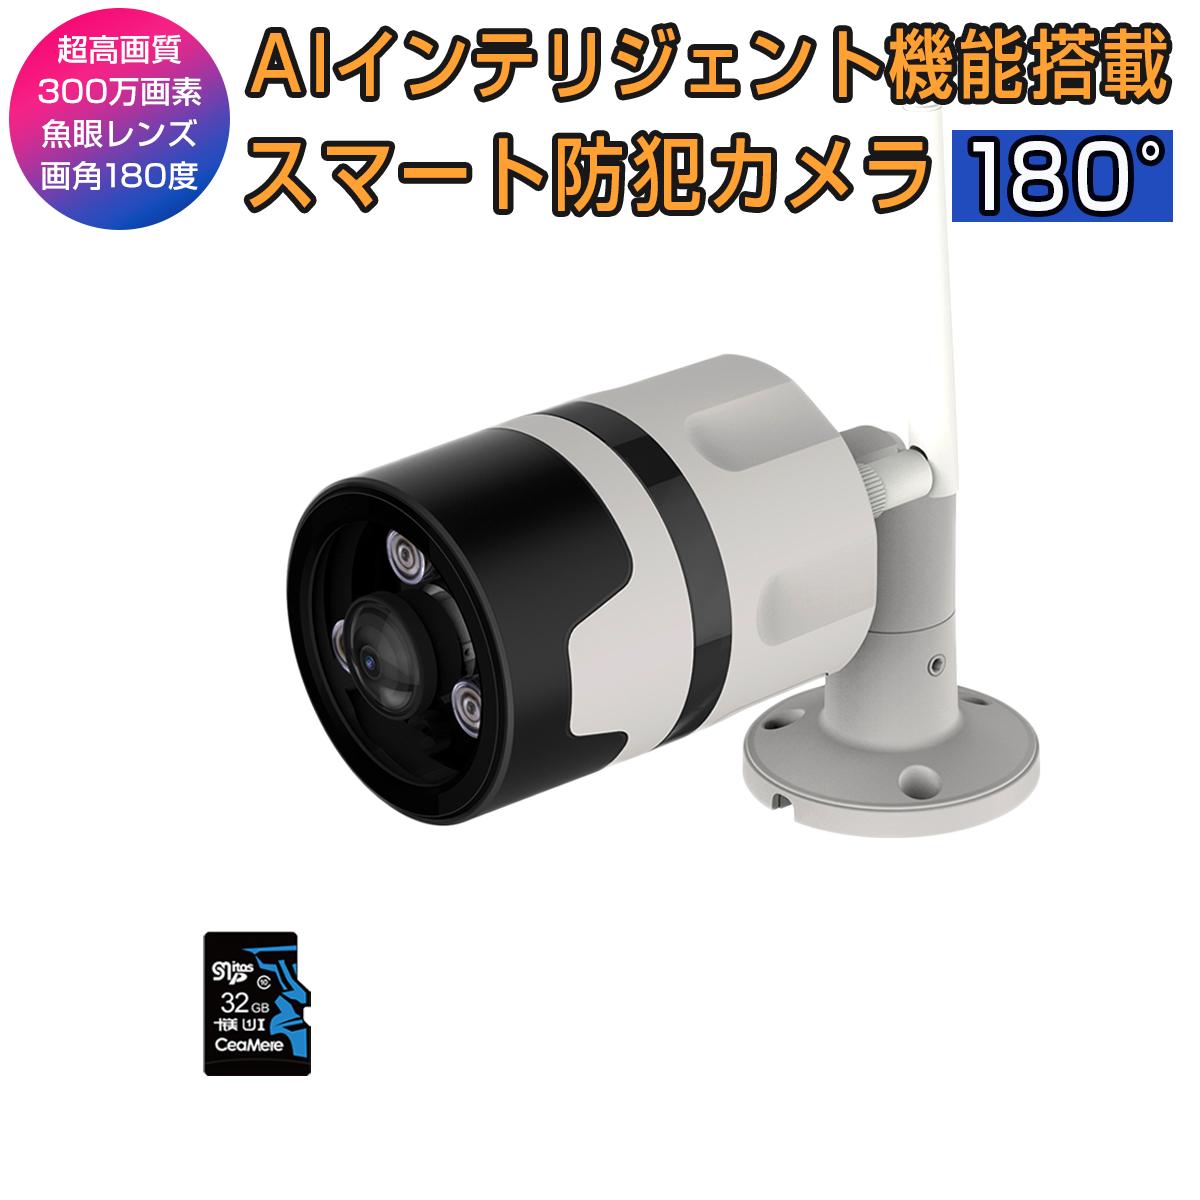 防犯カメラ ワイヤレス C63S SDカード32GB同梱モデル 2k 1296p 300万画素 ONVIF対応 VStarcam 魚眼レンズ パノラマ撮影 画角 180度 ネットワークカメラ ペット 赤ちゃん WIFI屋外 屋内 録音 超高画質 遠隔監視 動体検知 人体検出 宅配便送料無料 PSE 技適 6ヶ月保証